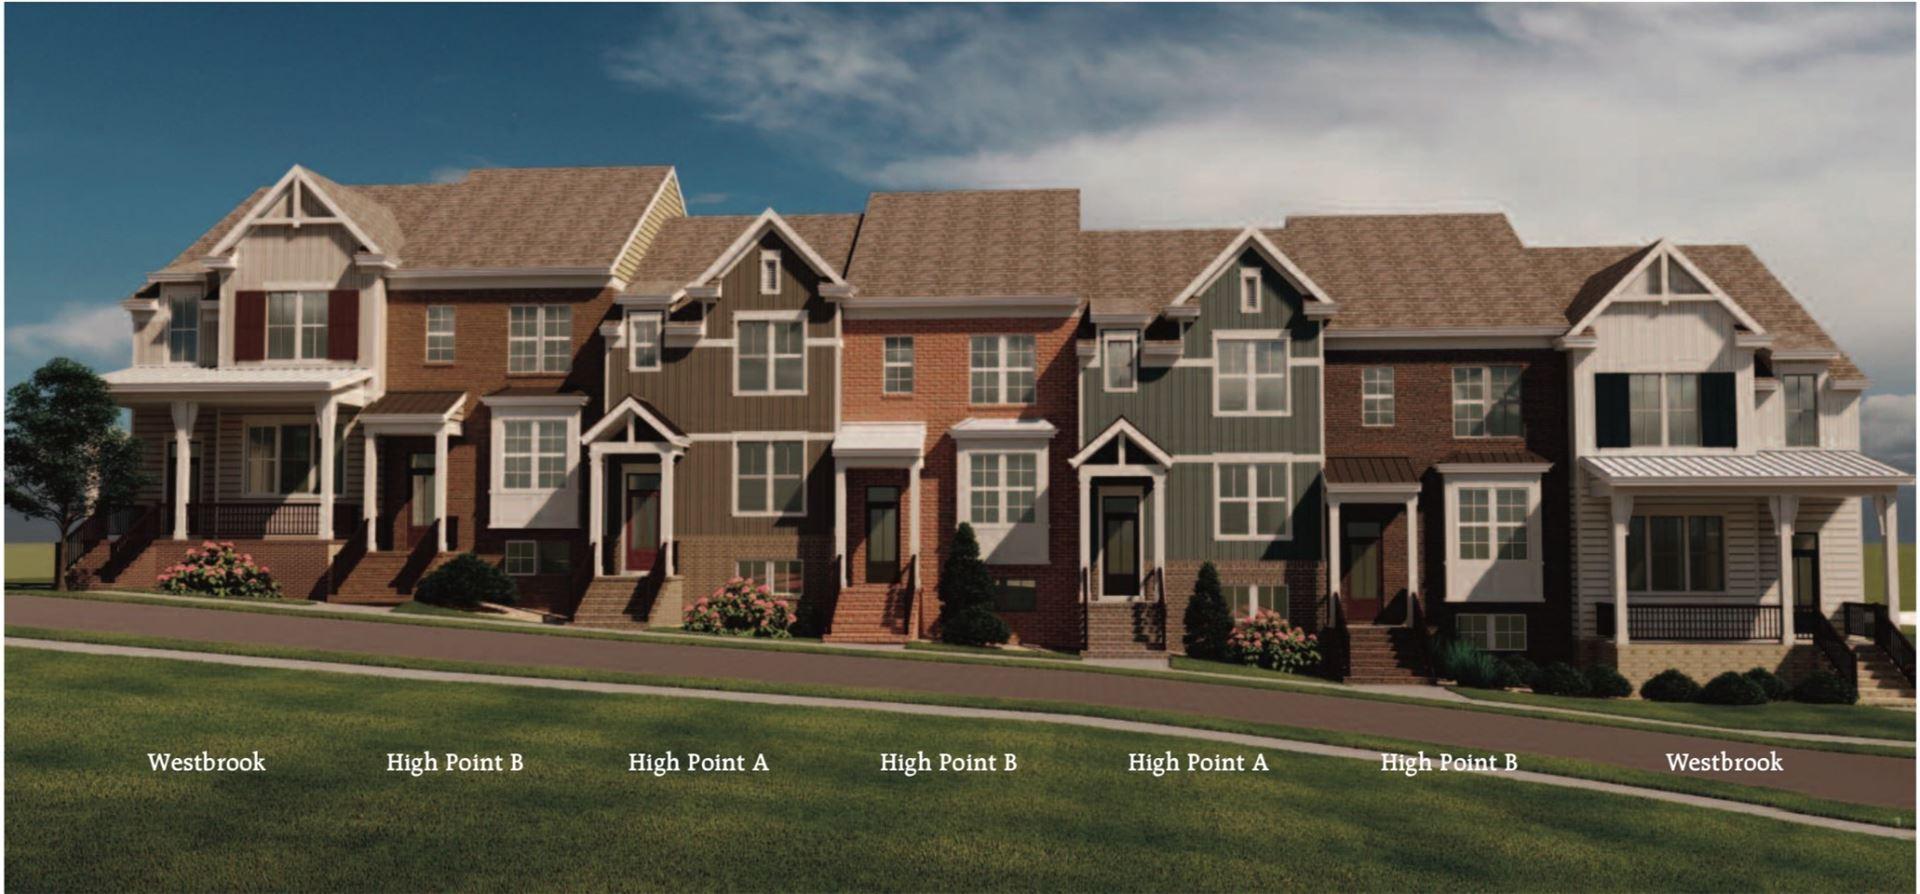 Photo of 1756 Park Terrace Lane, Nolensville, TN 37135 (MLS # 2249849)